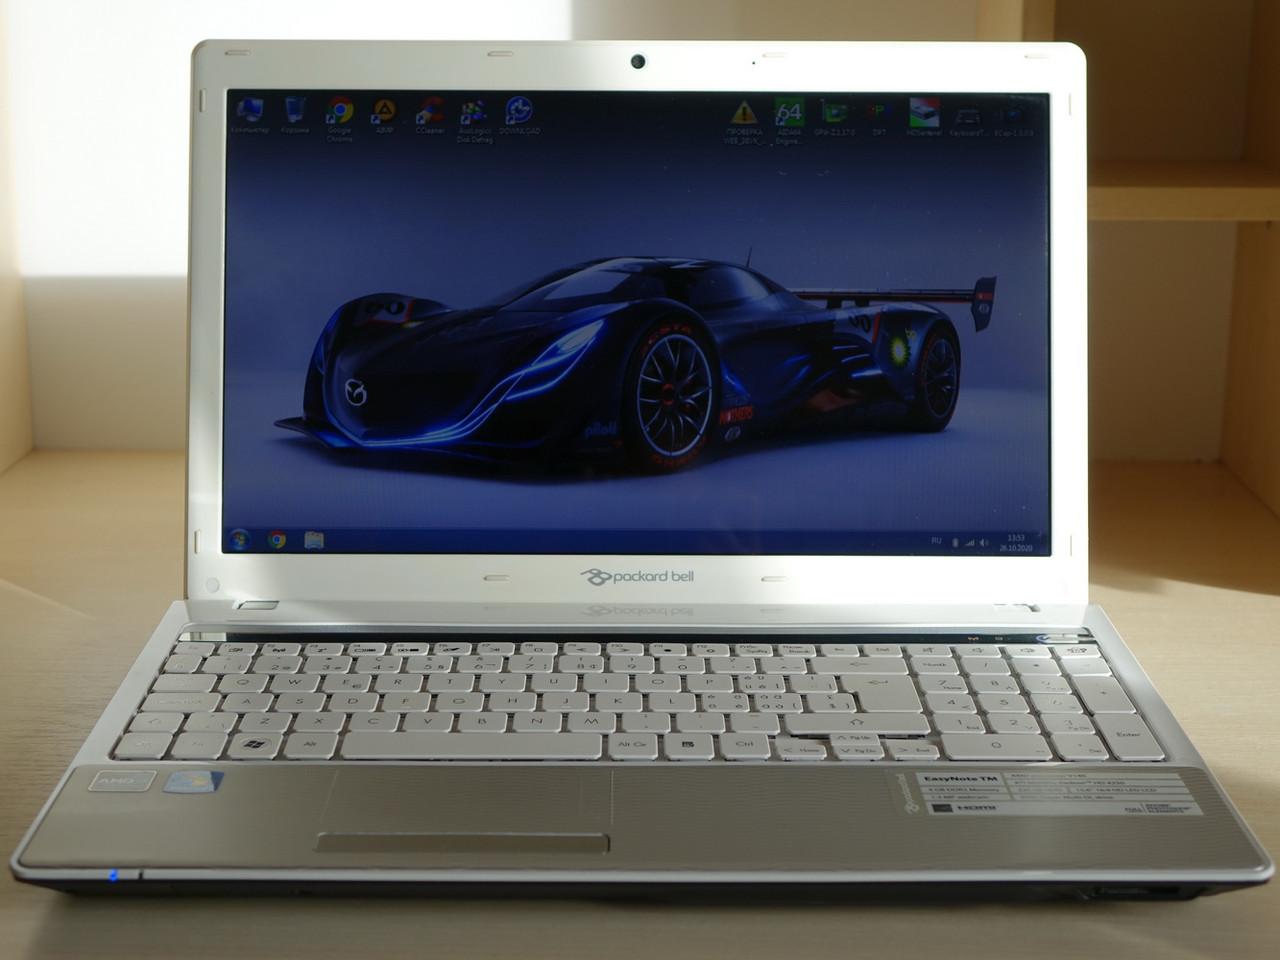 Ноутбук Packard Bell EasyNote NEW95 TM94 15.6 AMD U140/4Ggb/500gb/AMD Radeon HD4210 (TM94-GN-143CH)